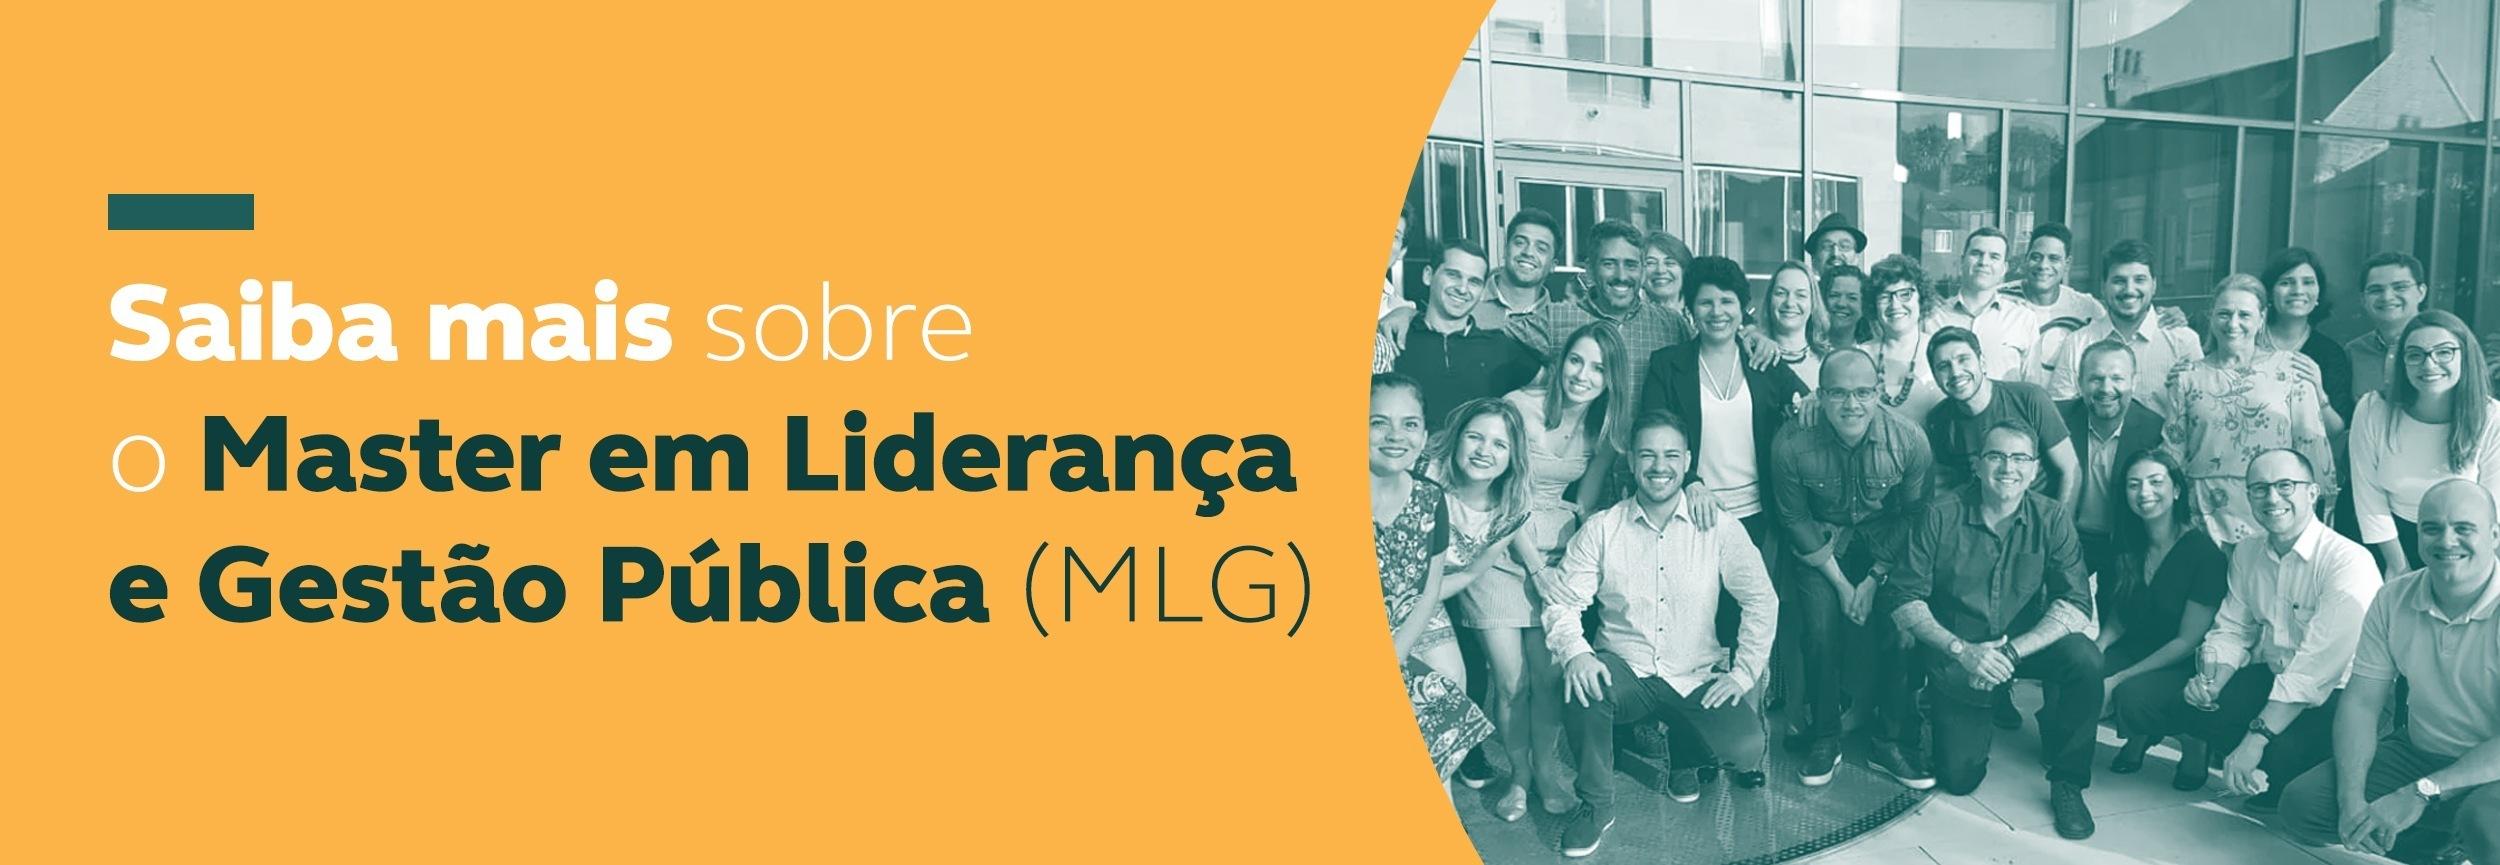 Master em Liderança e Gestão Pública (MLG)